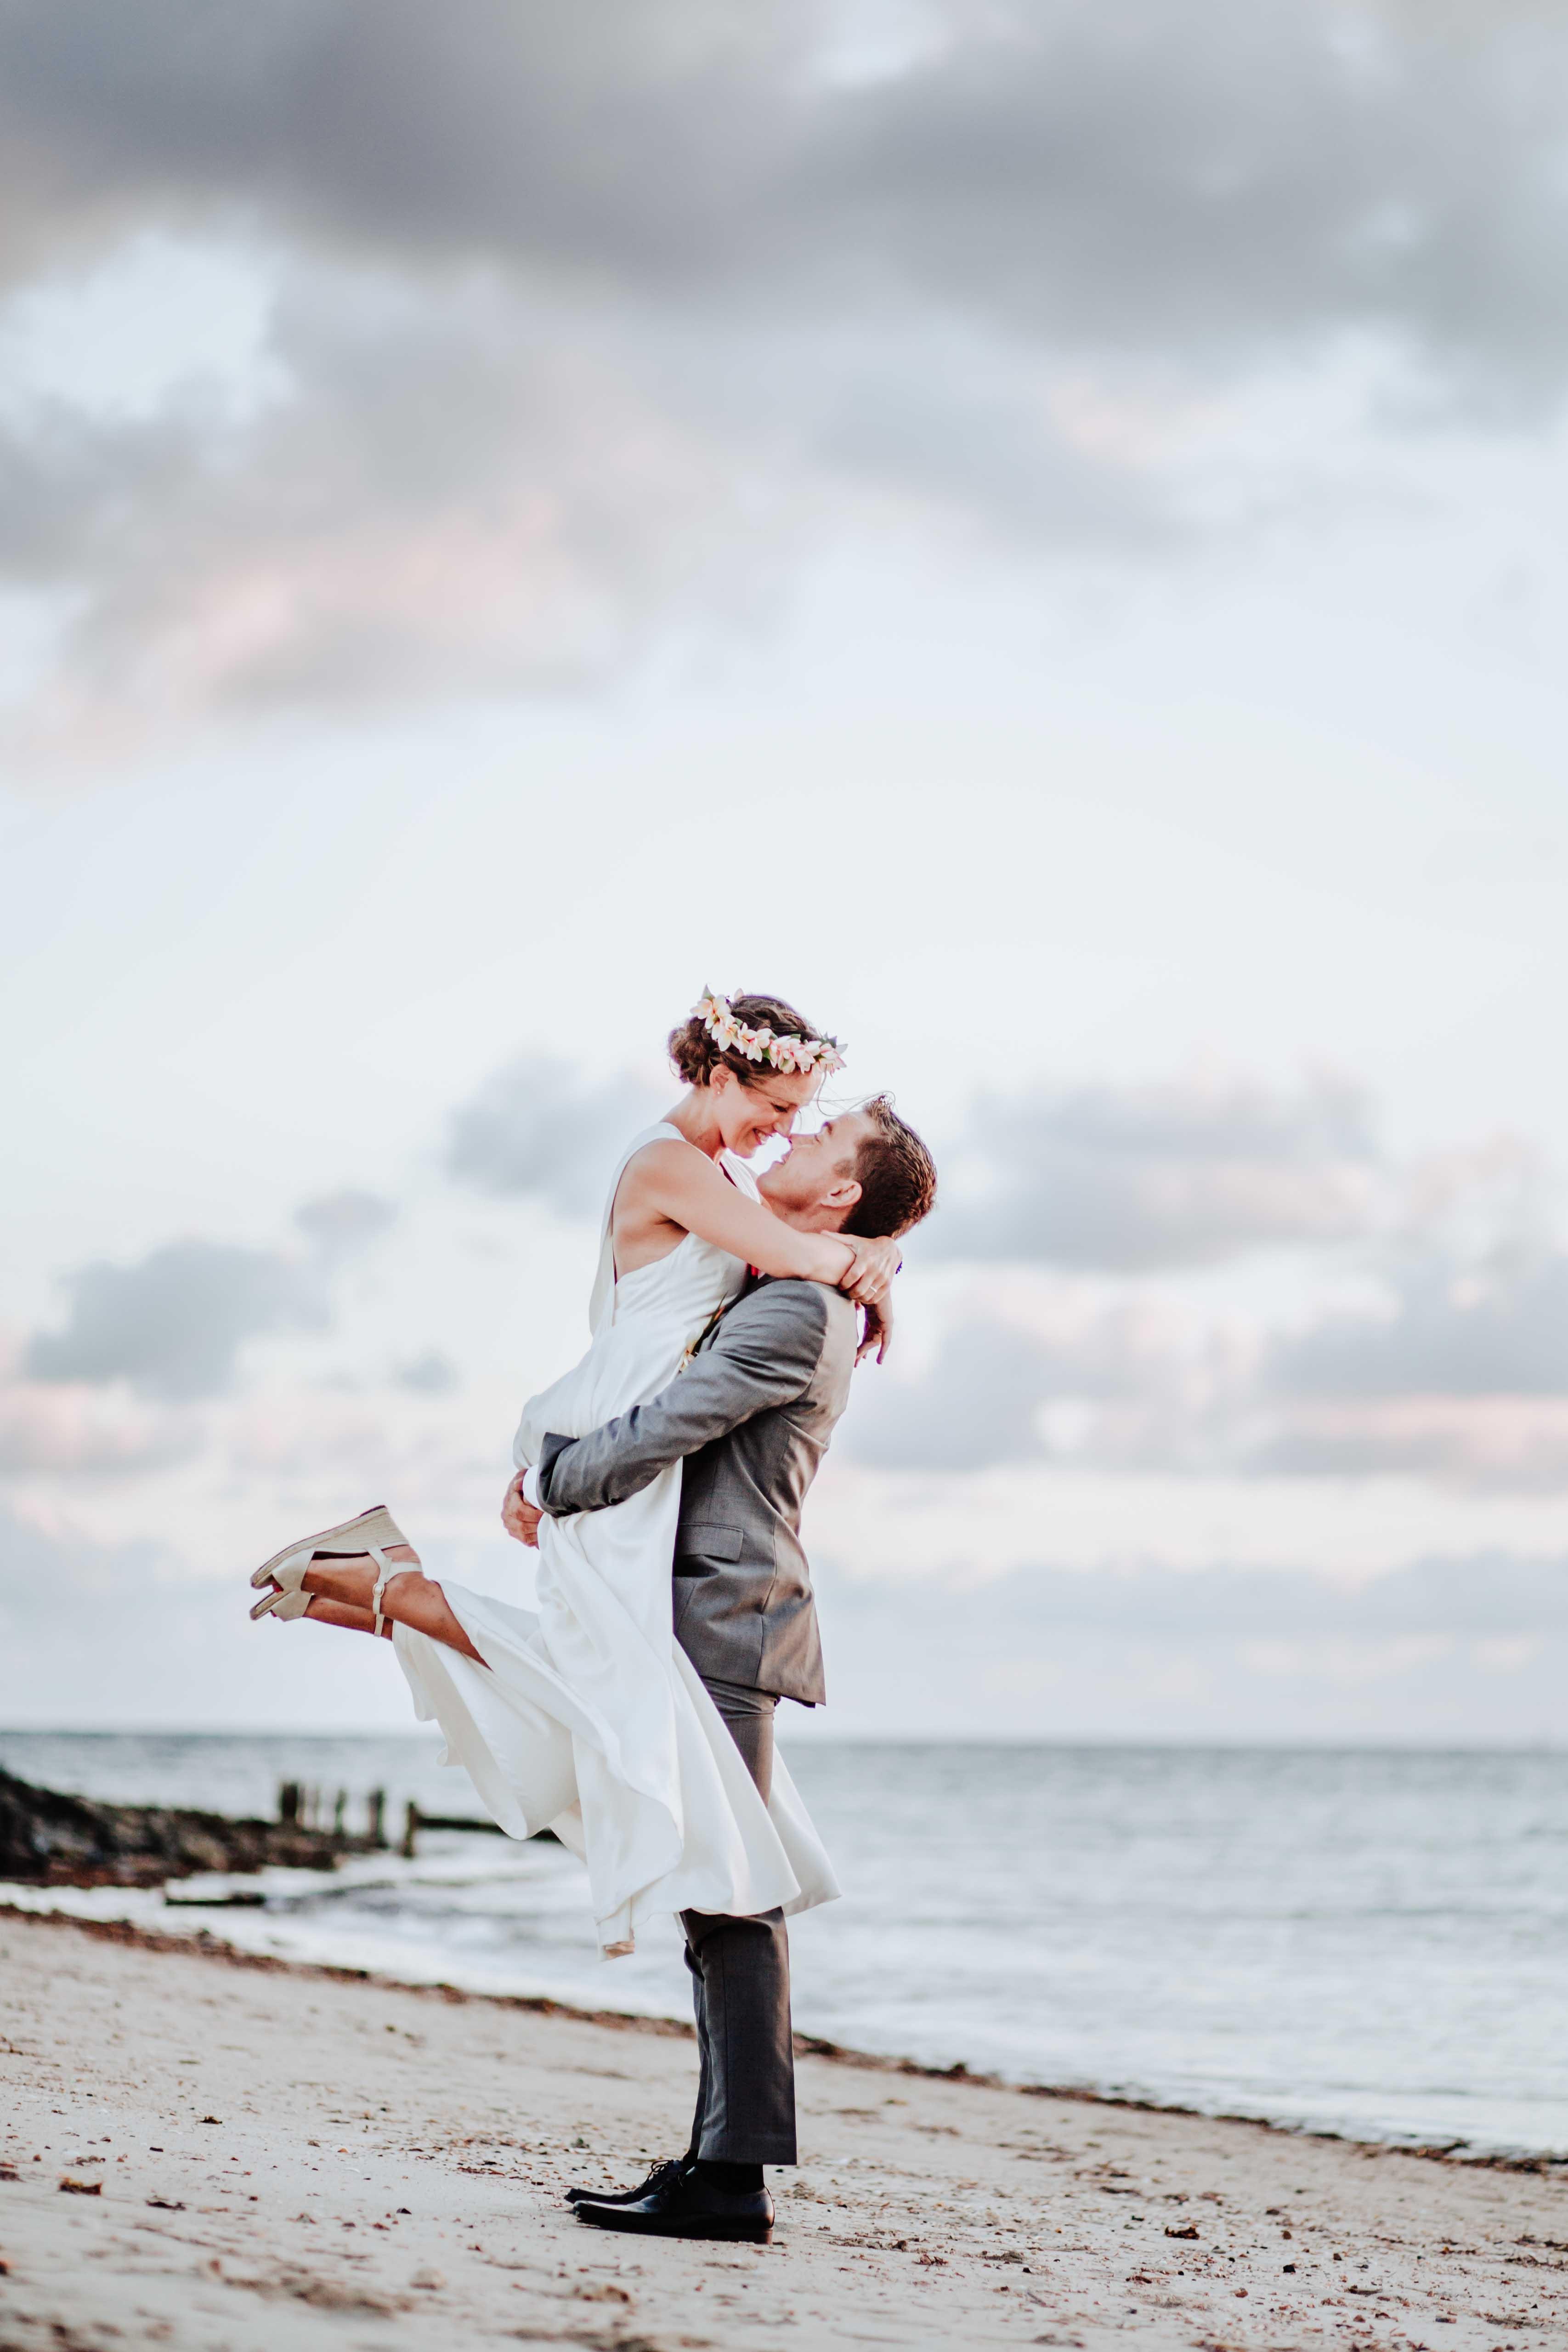 le marié porte la mariée sur la plage, il s'embrassent